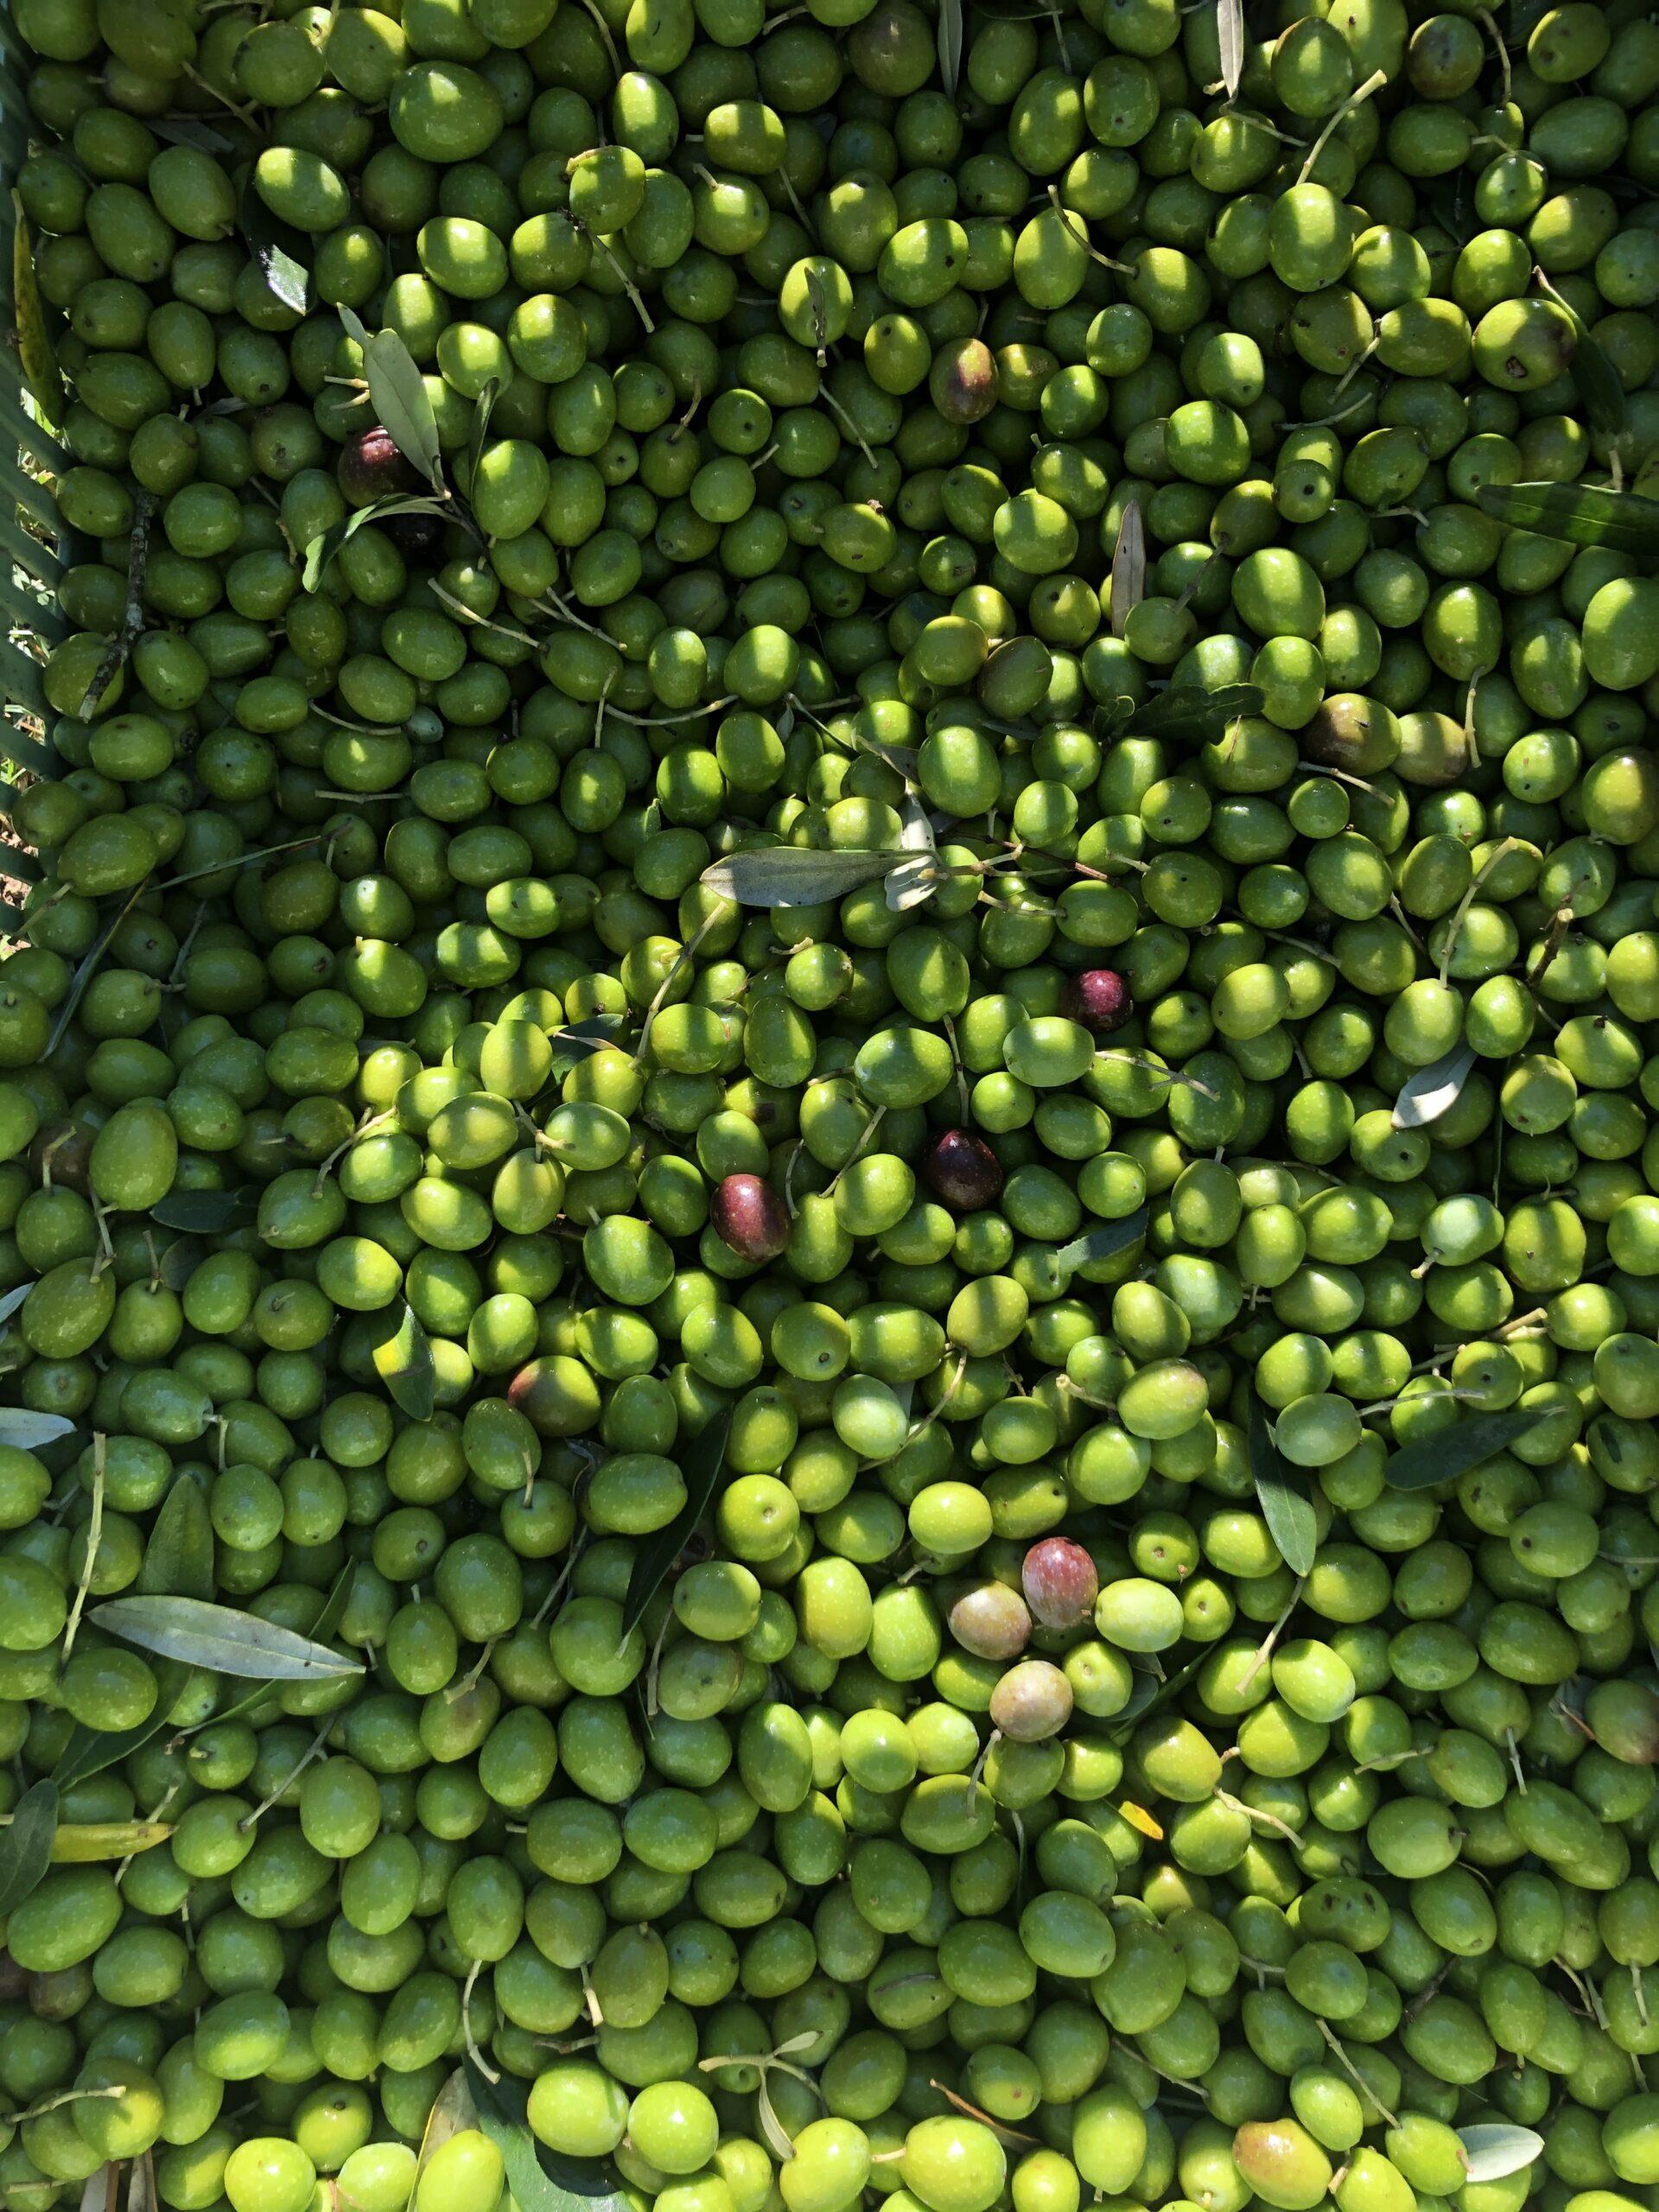 Olive freshly picked